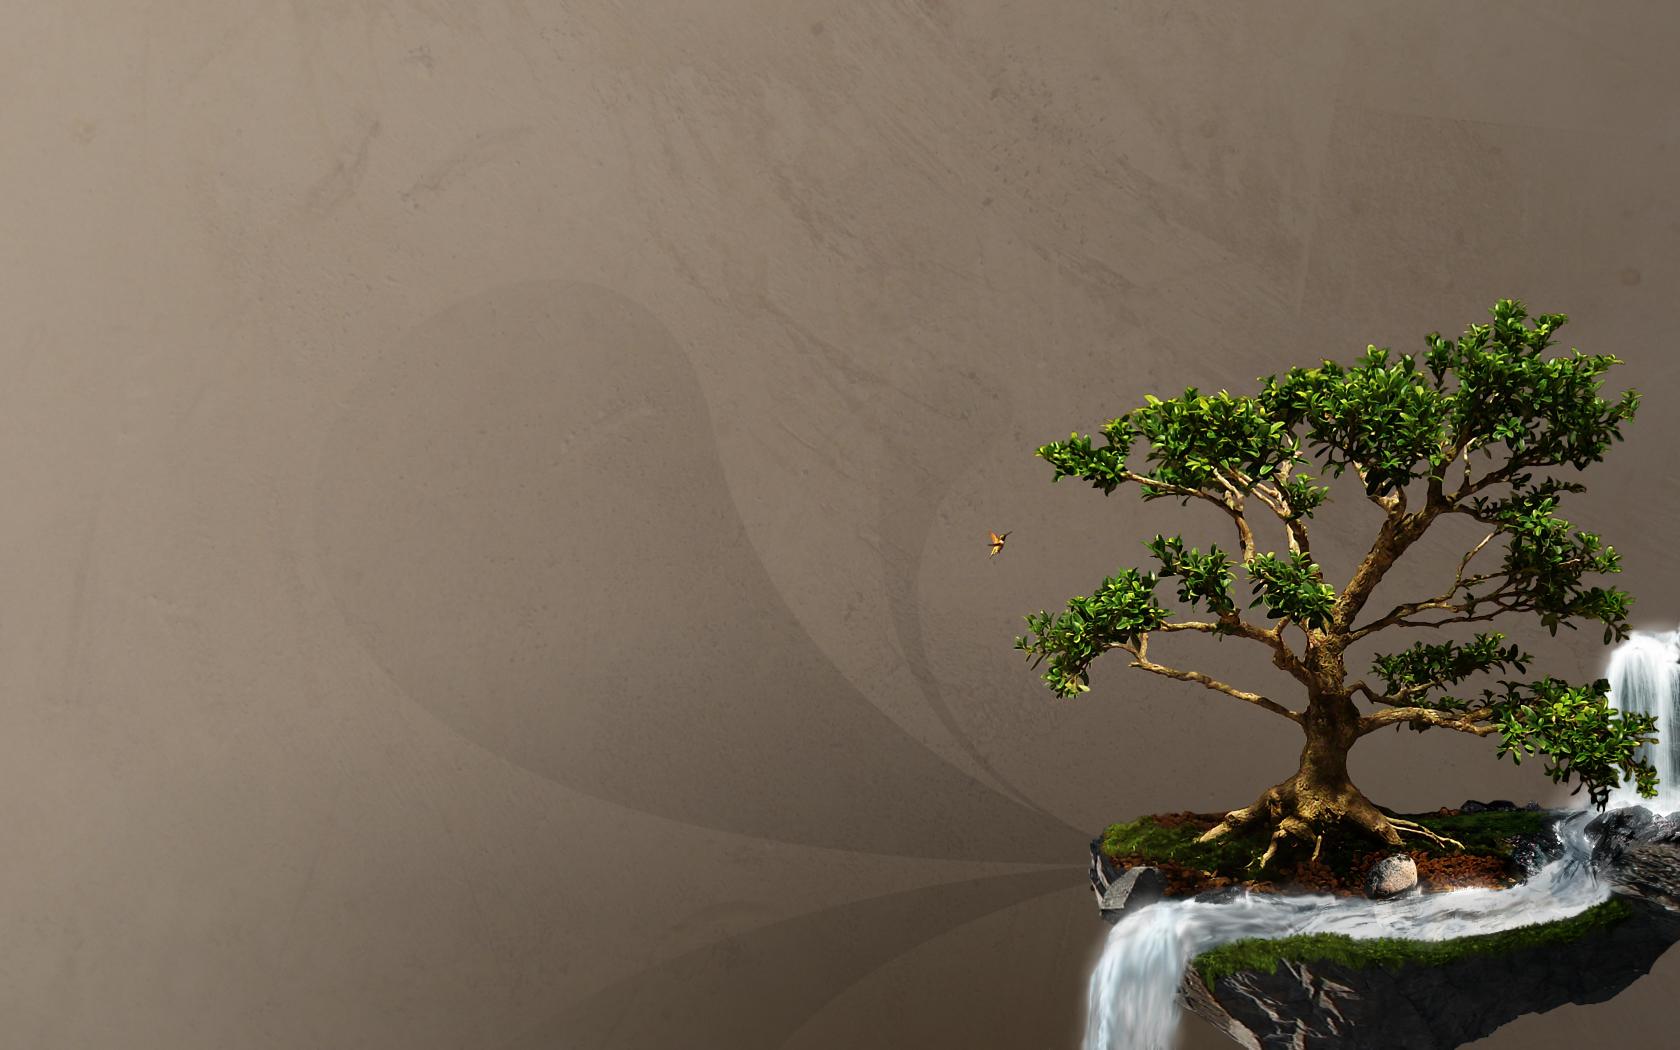 Hd wallpaper zen - Bonsai Wallpapers Hd Taringa